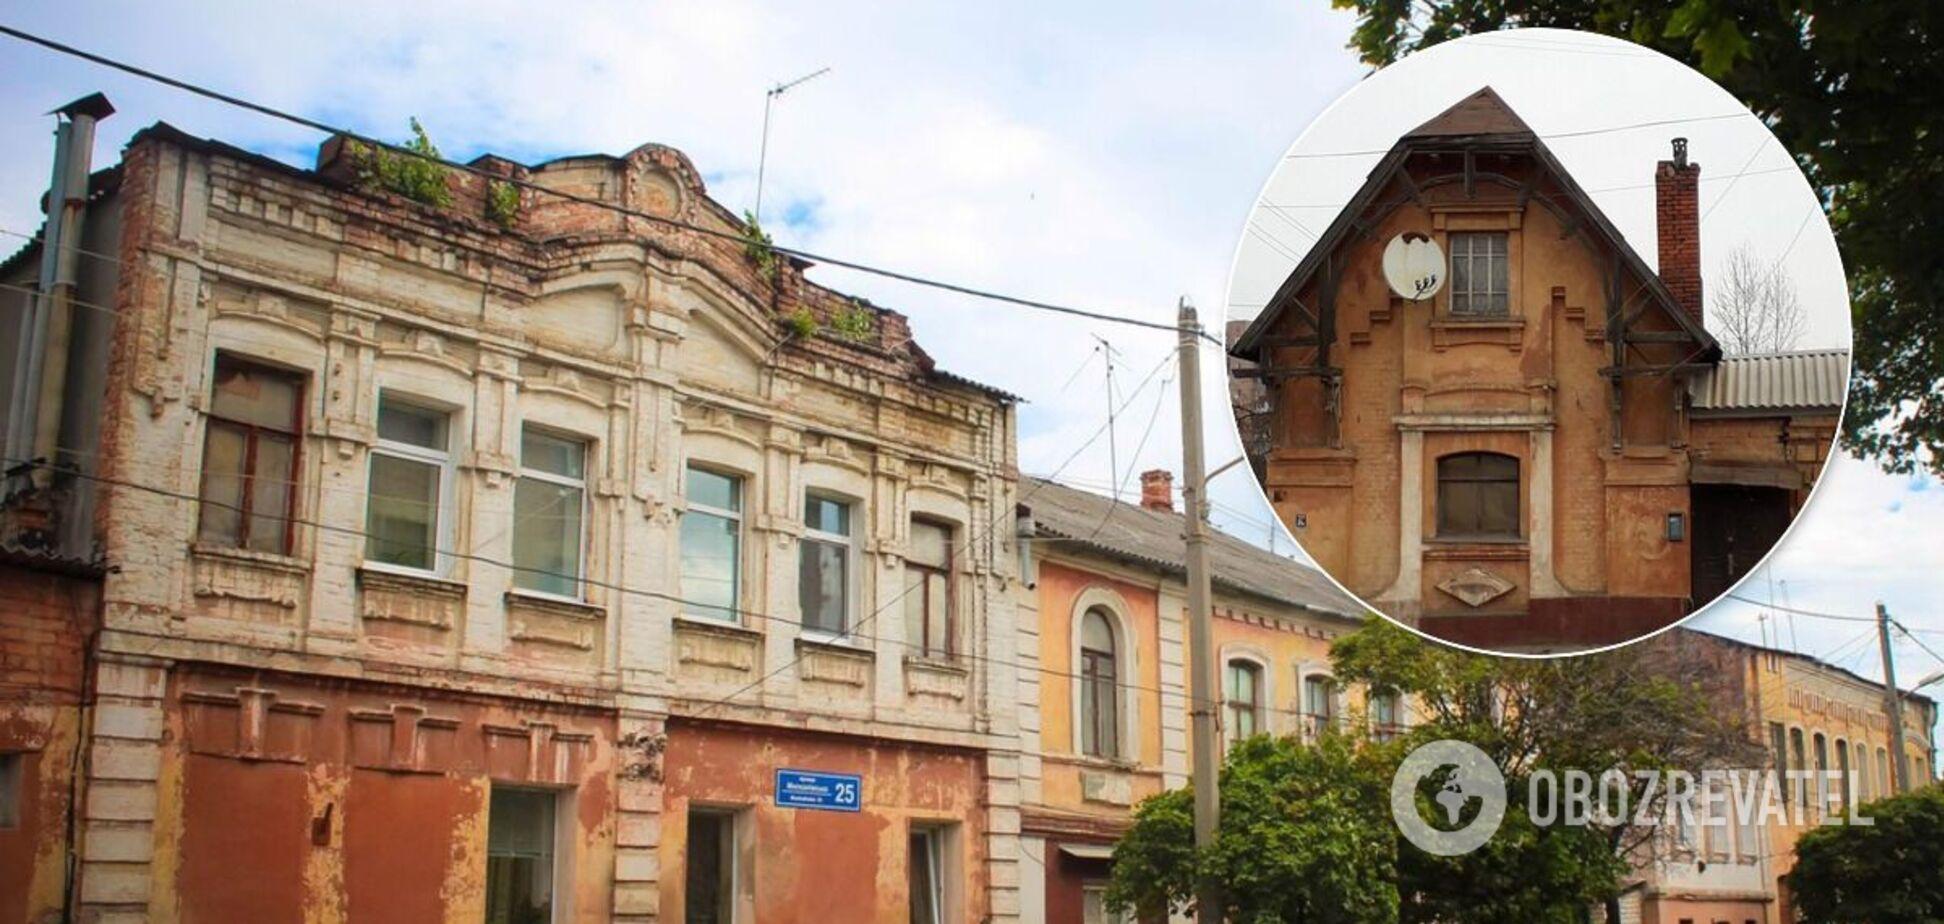 Бывшая водоразборная будка на Москалевке в Харькове